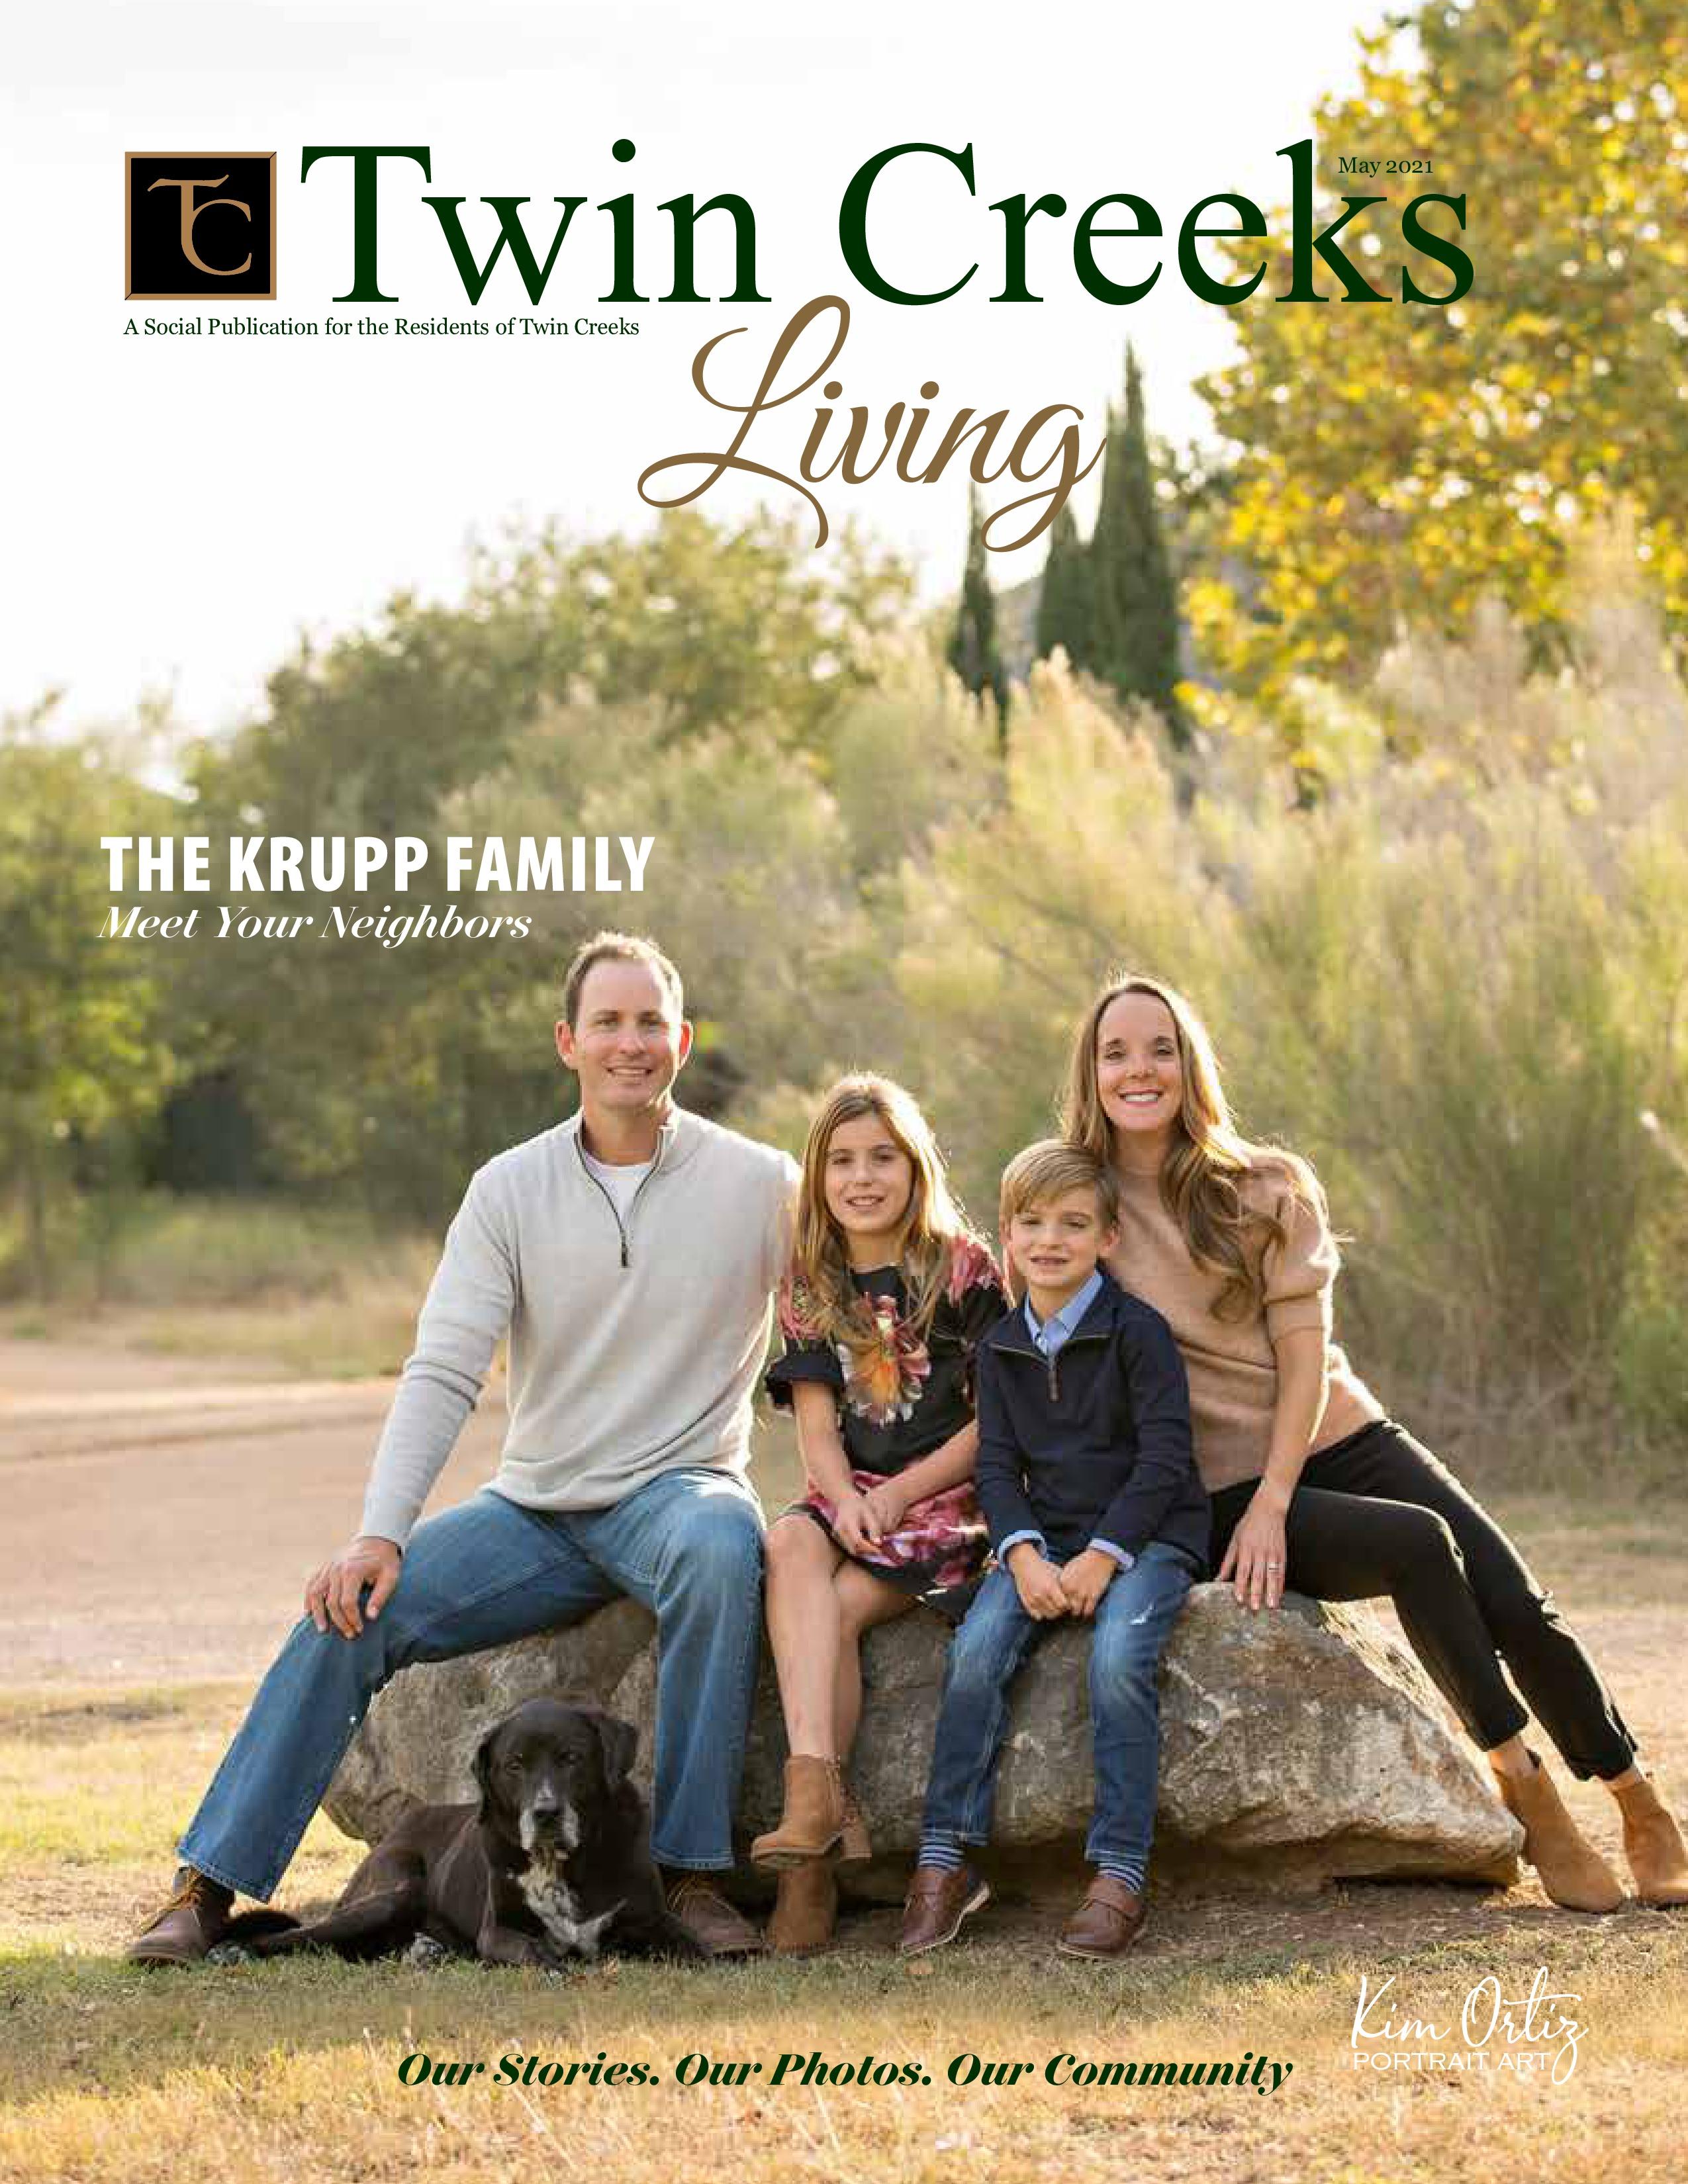 Twin Creeks Living 2021-05-01